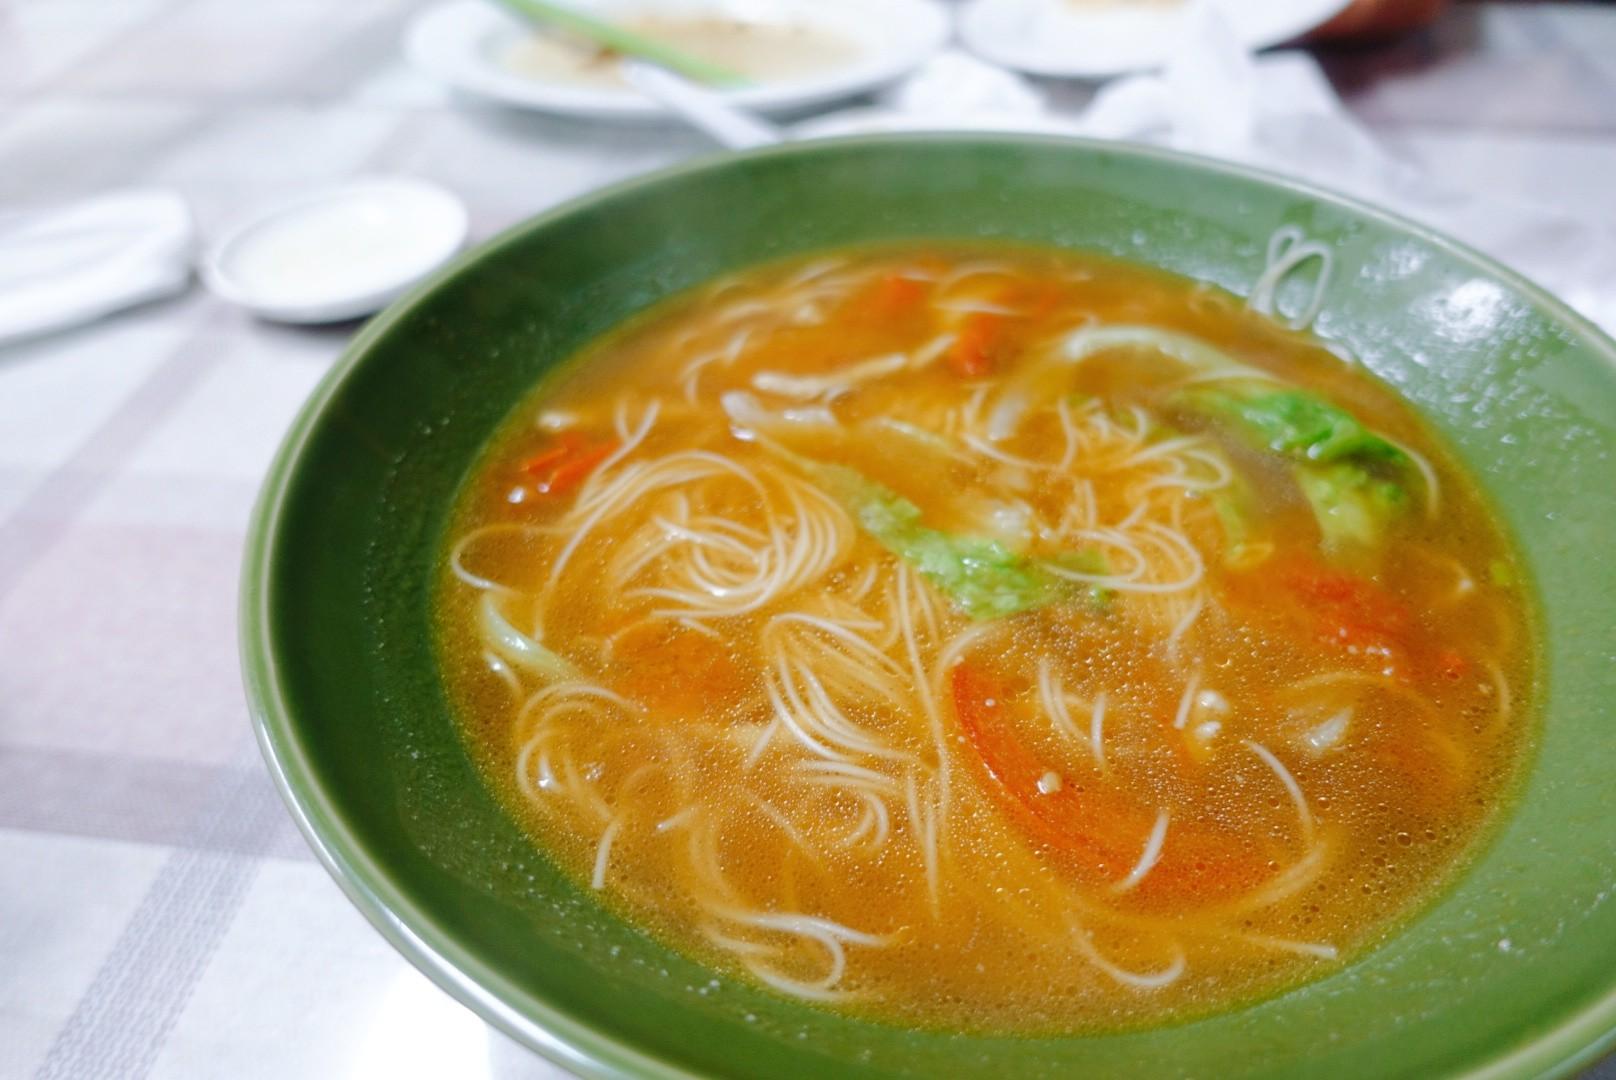 【花蓮市區】橄欖園麵食館|老字號平民美食,大推手工麵食與小籠湯包